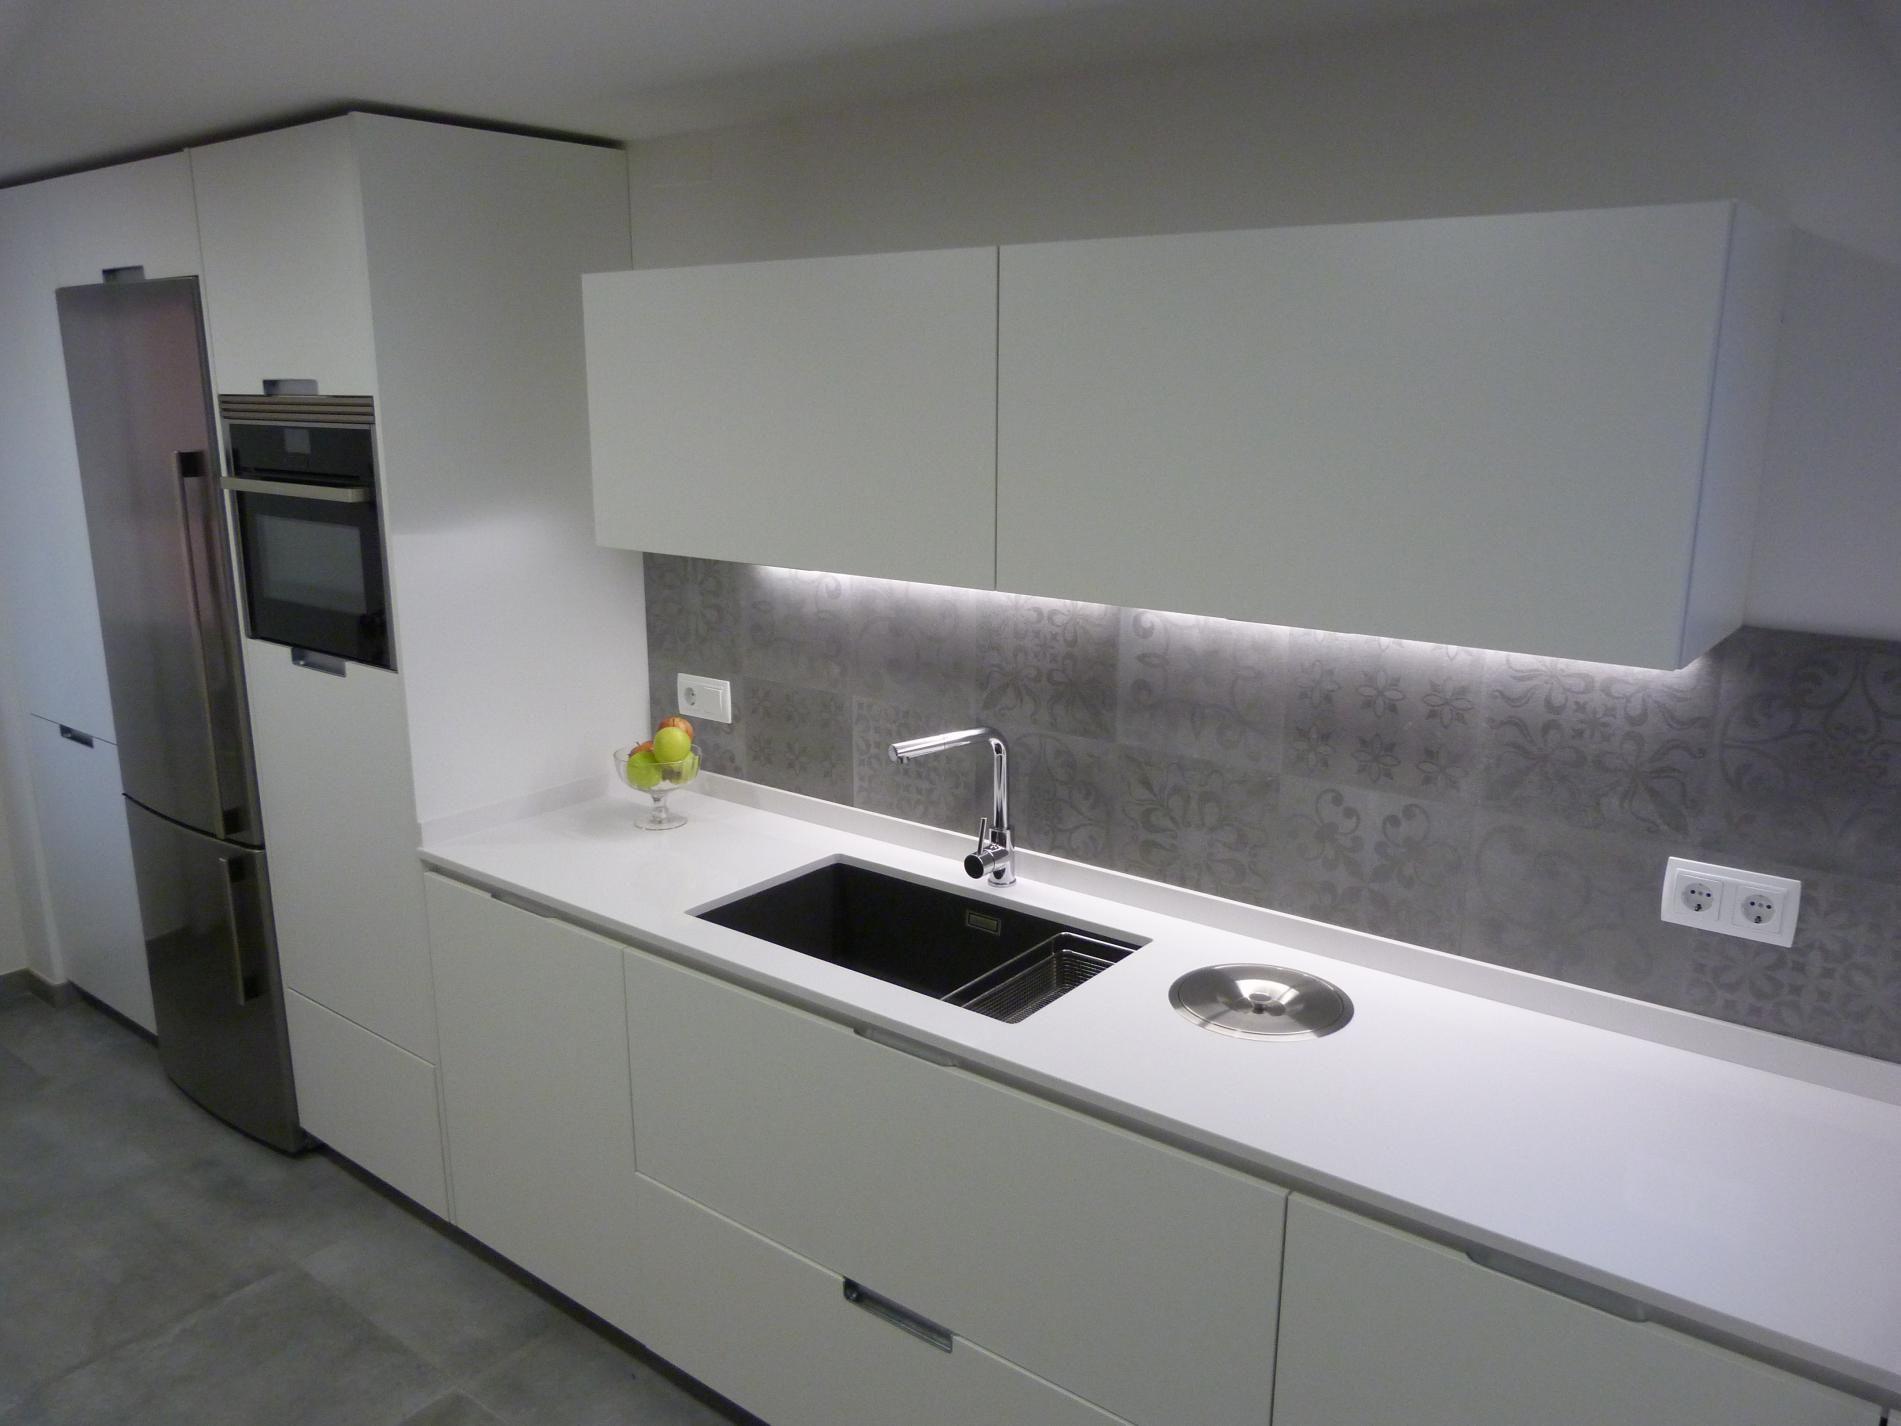 Cocina blanca y gris mobiliario minos de santos http - Cocinas blancas modernas ...